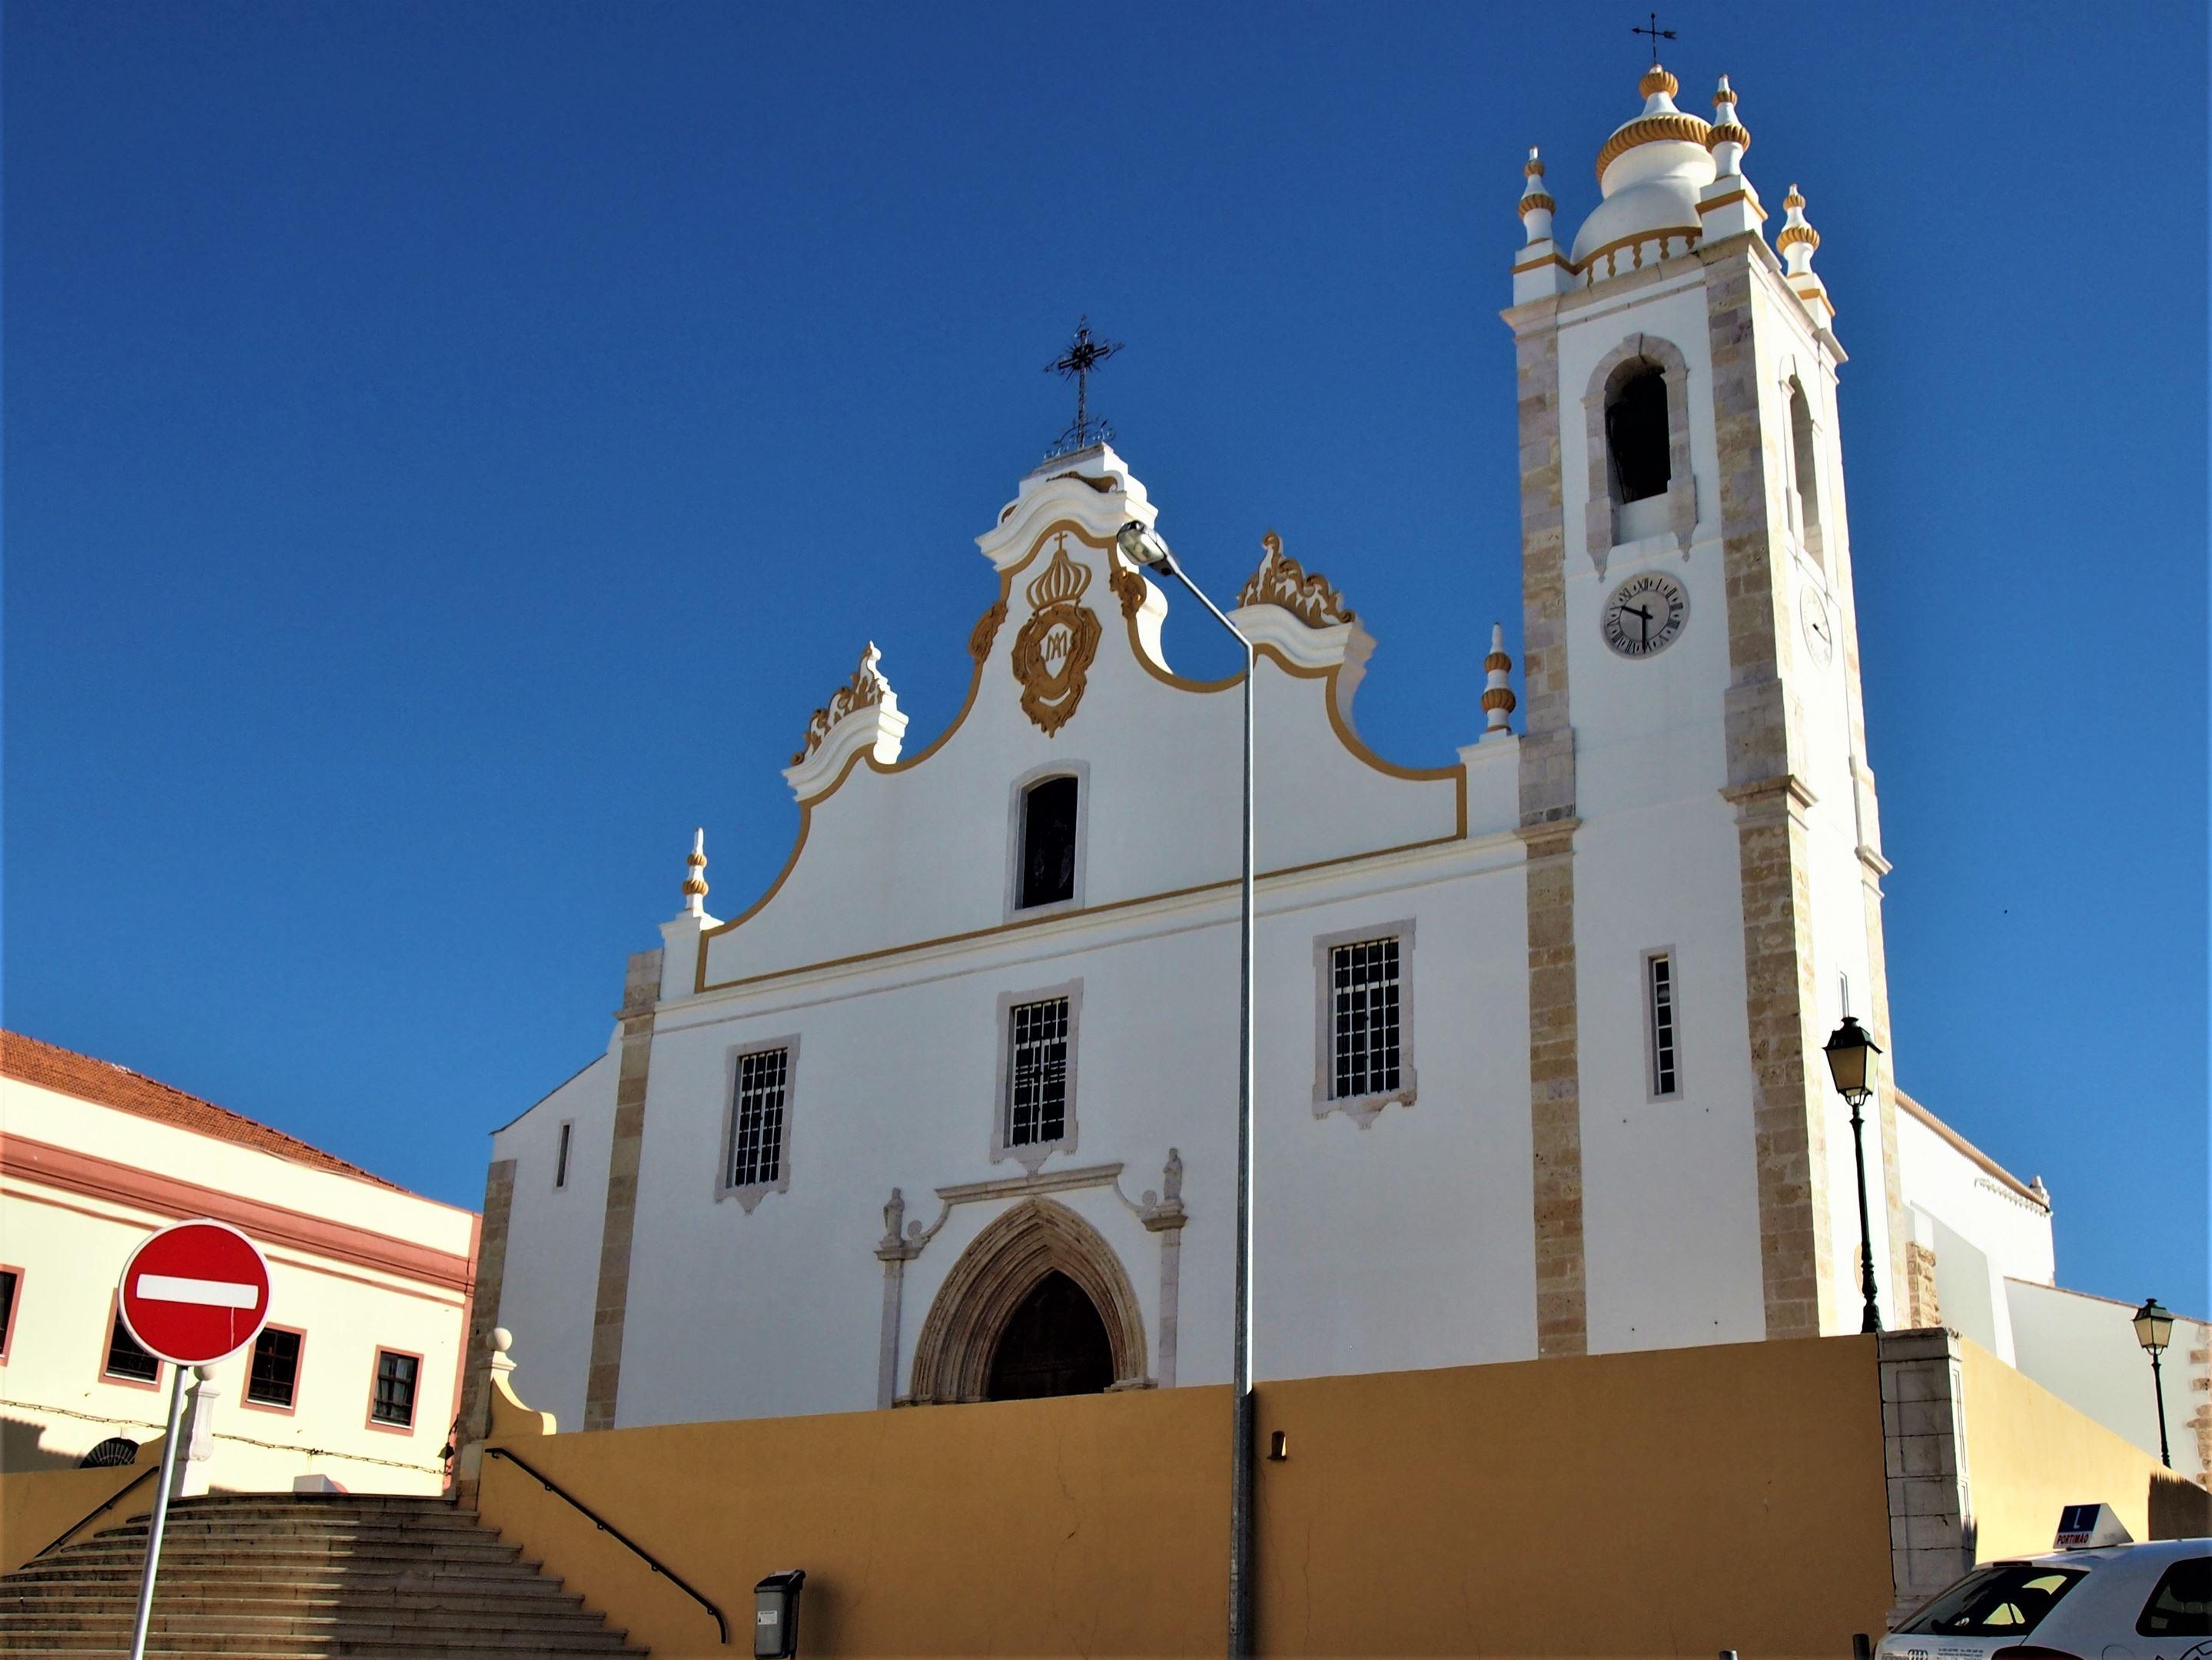 Igreja da Nossa Senhora da Conceição, the Mother Church of Portimão